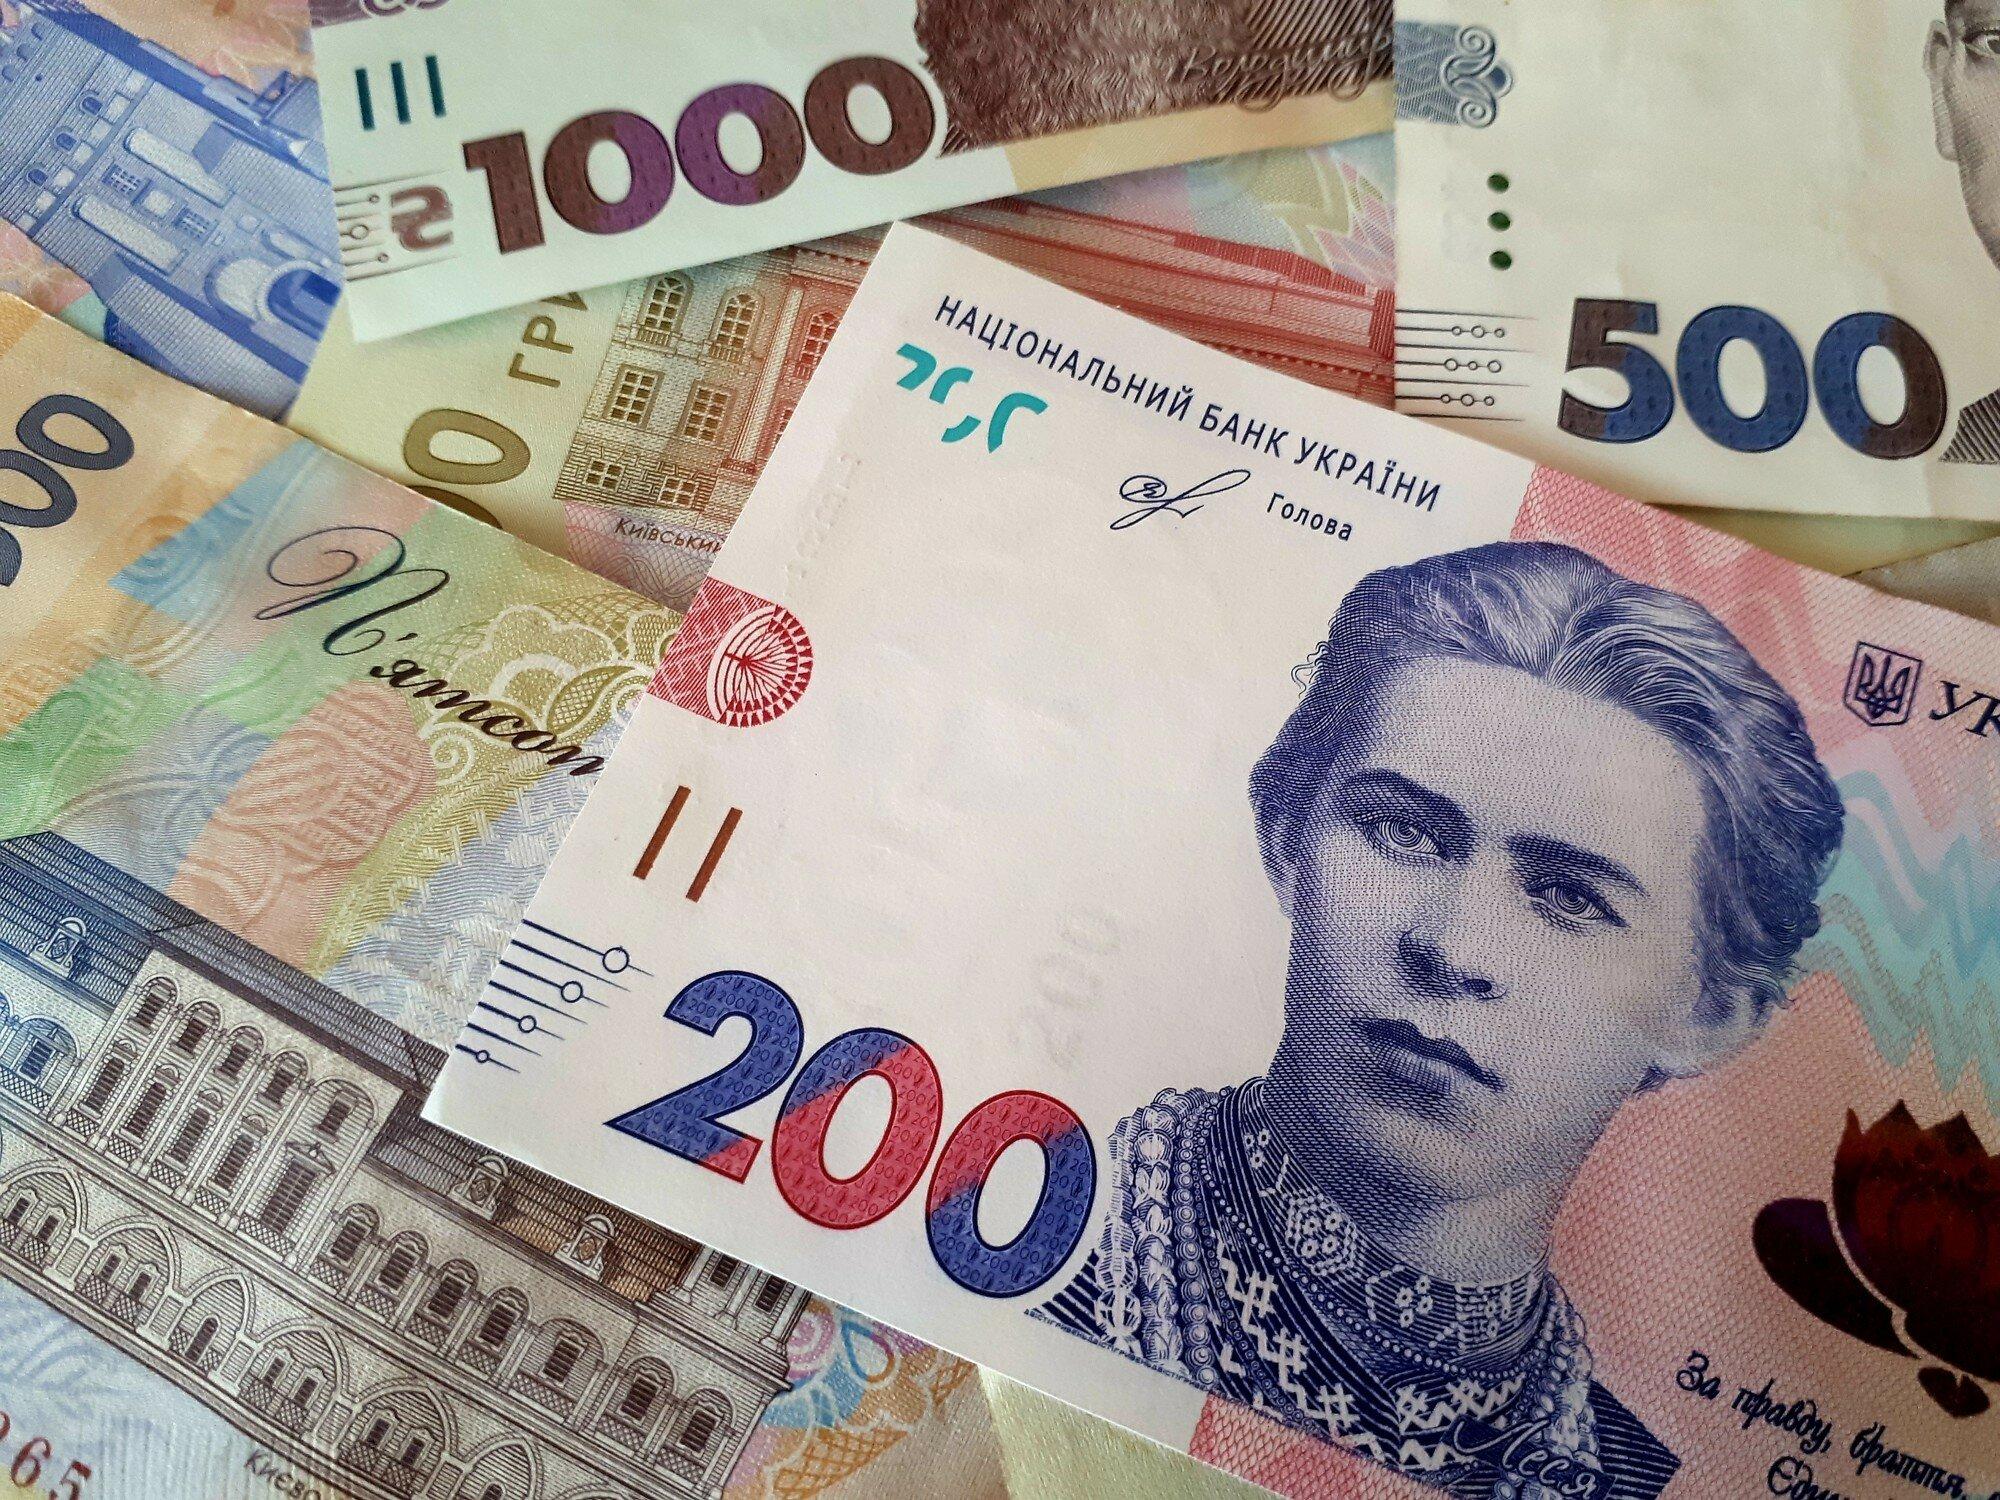 Выплаты по 8 тыс. гривен: кто сможет получить деньги